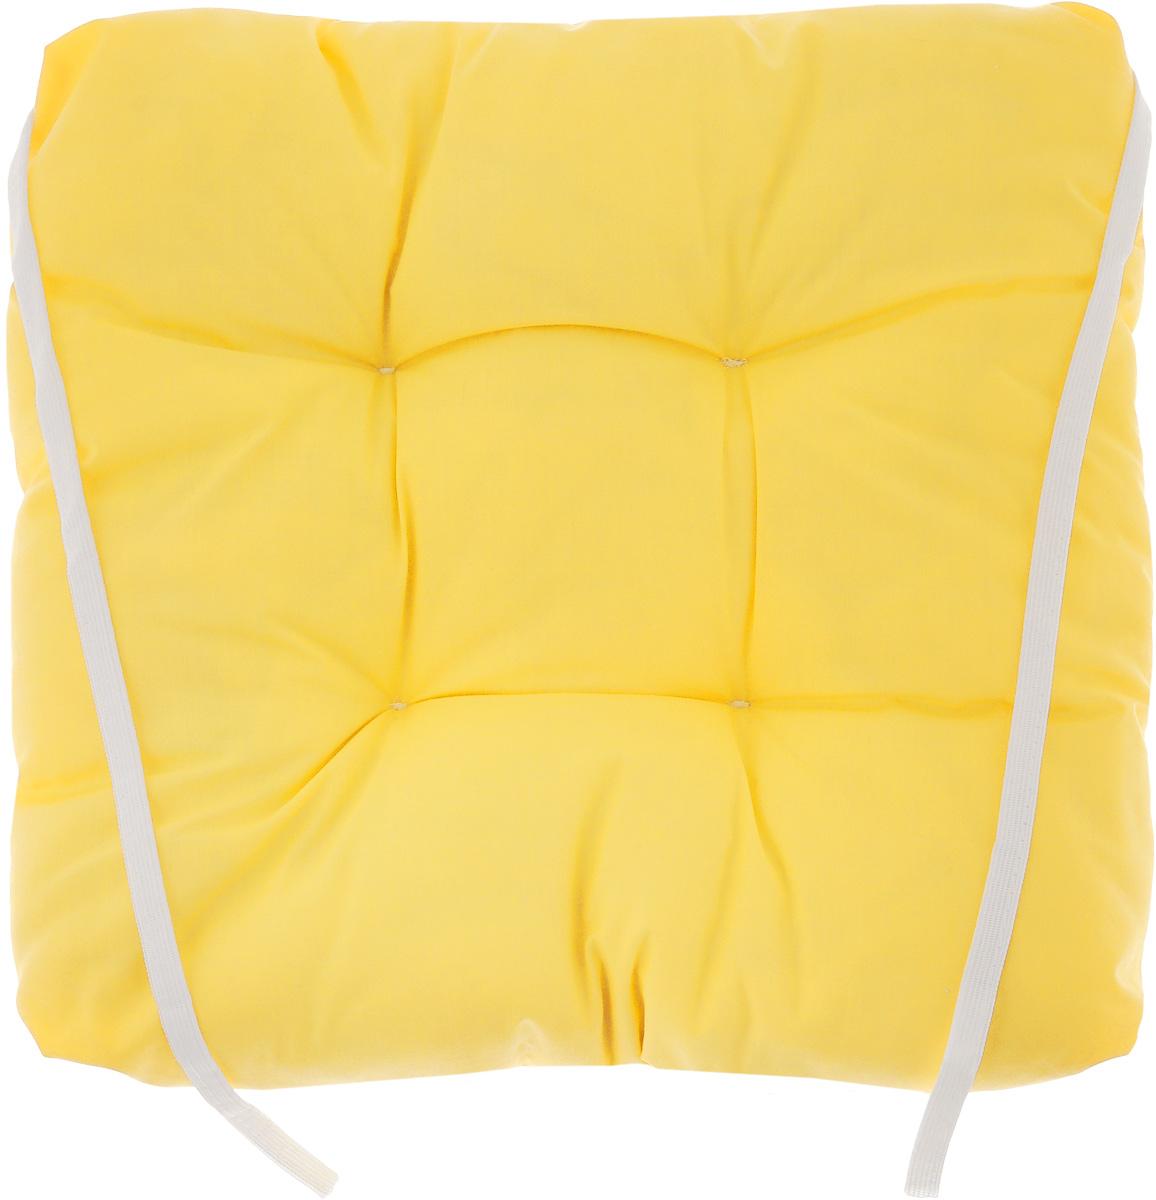 Подушка на стул Eva, объемная, цвет: темно-желтый, 40 х 40 смVT-1520(SR)Подушка Eva, изготовленная из хлопка, прослужит вам не одиндесяток лет.Внутри - мягкий наполнитель из полиэстера. Стежка надежноудерживает наполнитель внутри и не позволяет емускатываться. Подушка легко крепится на стул с помощьюзавязок.Правильно сидеть - значит сохранить здоровье на долгие годы.Жесткие сидения подвергают наше здоровье опасности.Подушка с наполнителем из полиэстера поможетпредотвратить многие беды, которыми грозит сидячий образжизни.